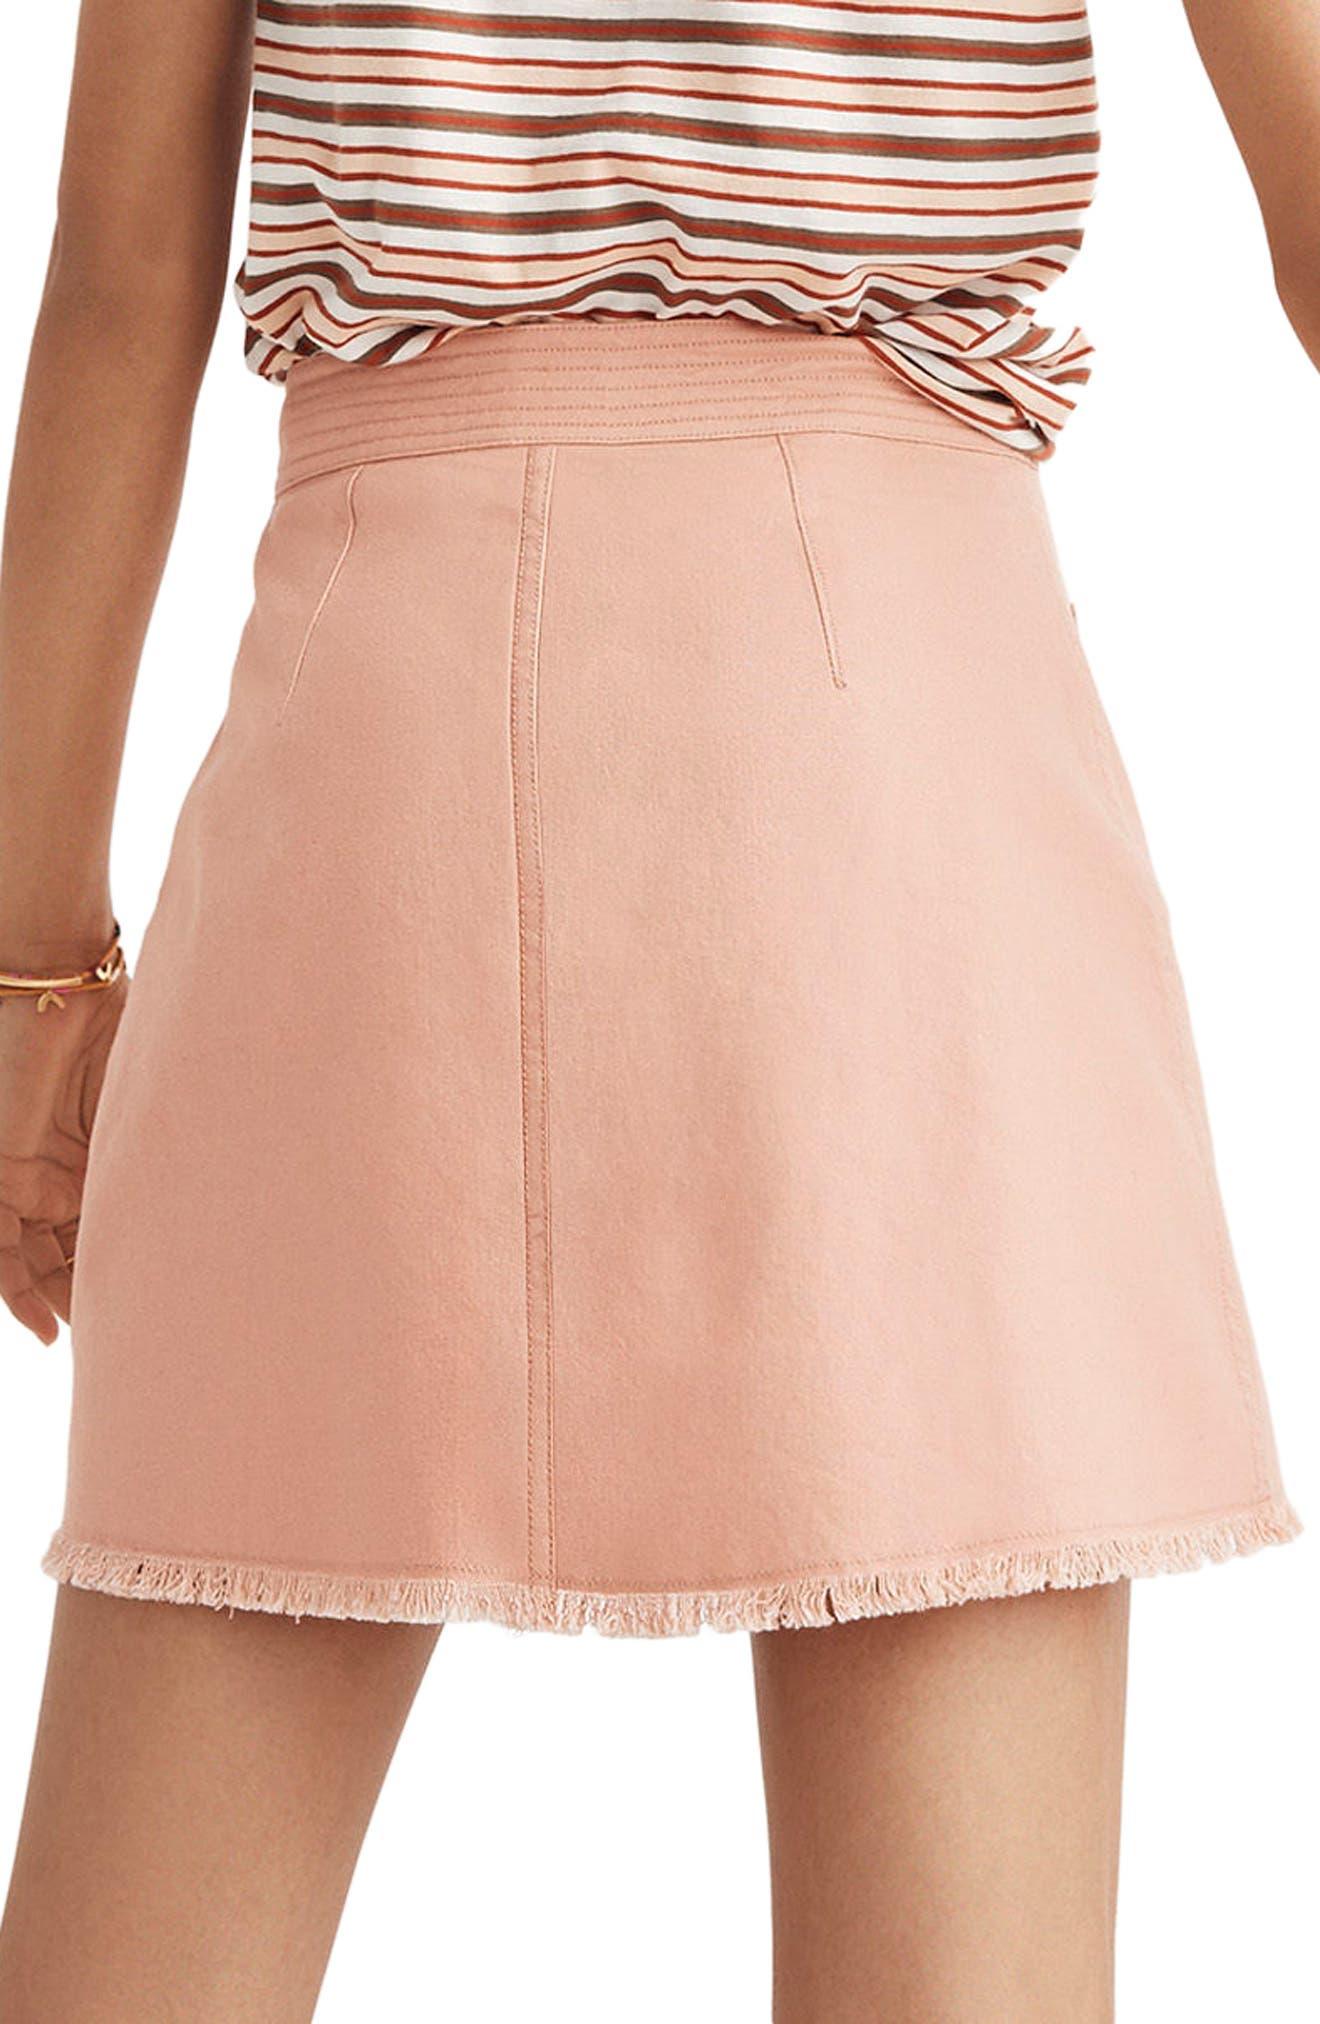 A-Line Zip Skirt,                             Alternate thumbnail 2, color,                             Antique Coral